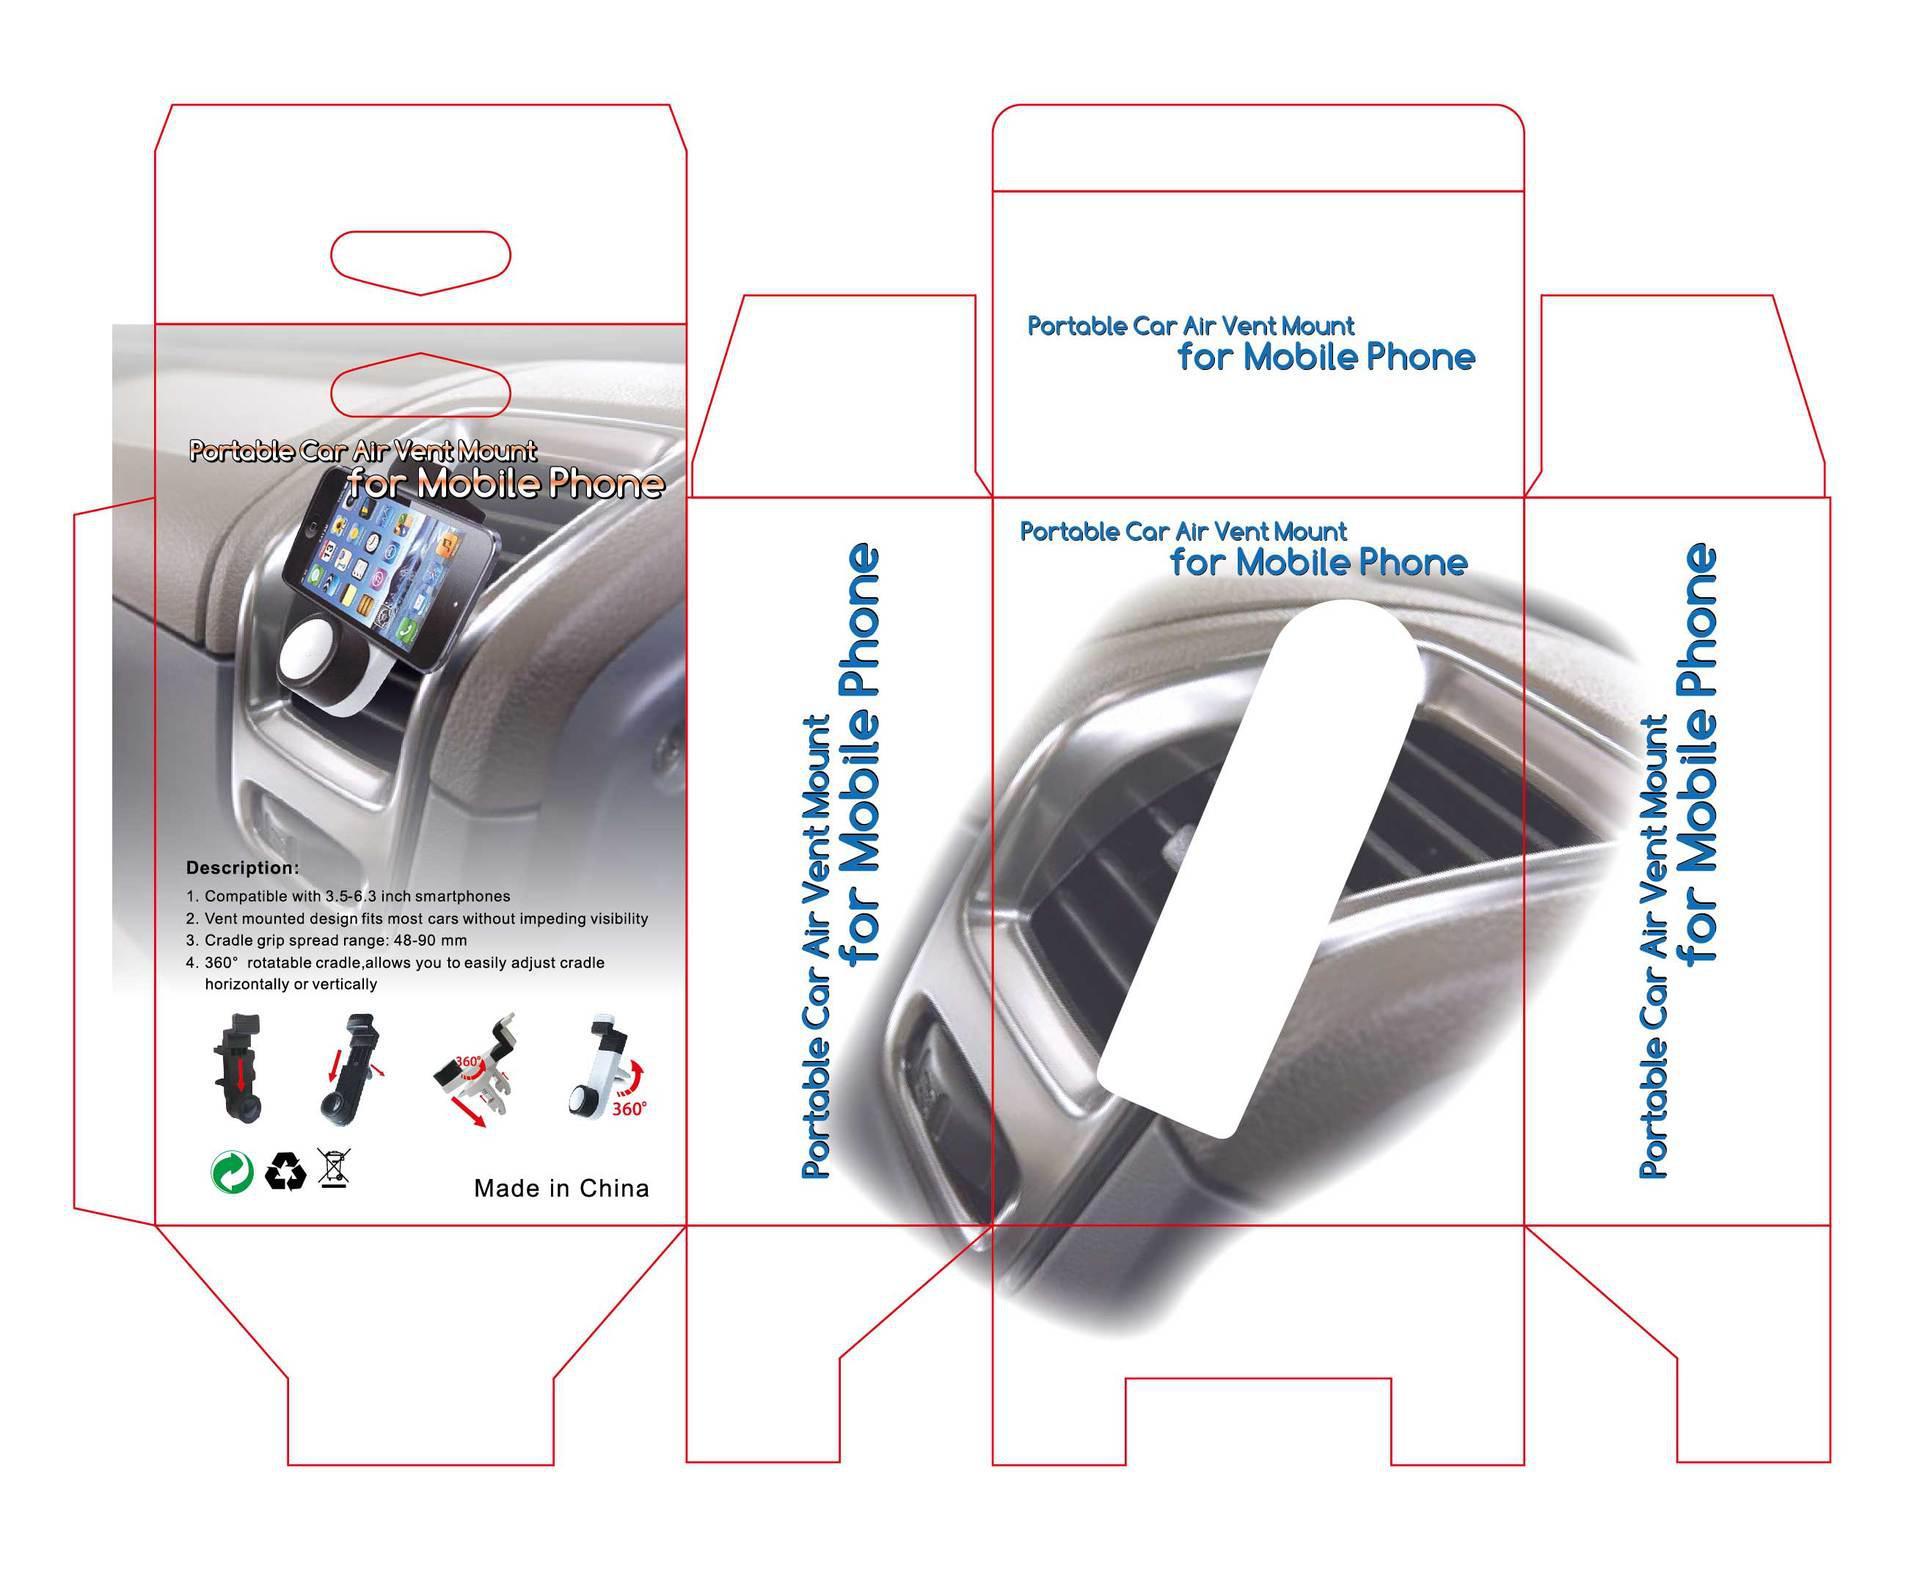 SK226 Draagbare Auto Air Vent Mount Houder voor mobiele telefoon vergelijkbaar voor Kenu-airco /